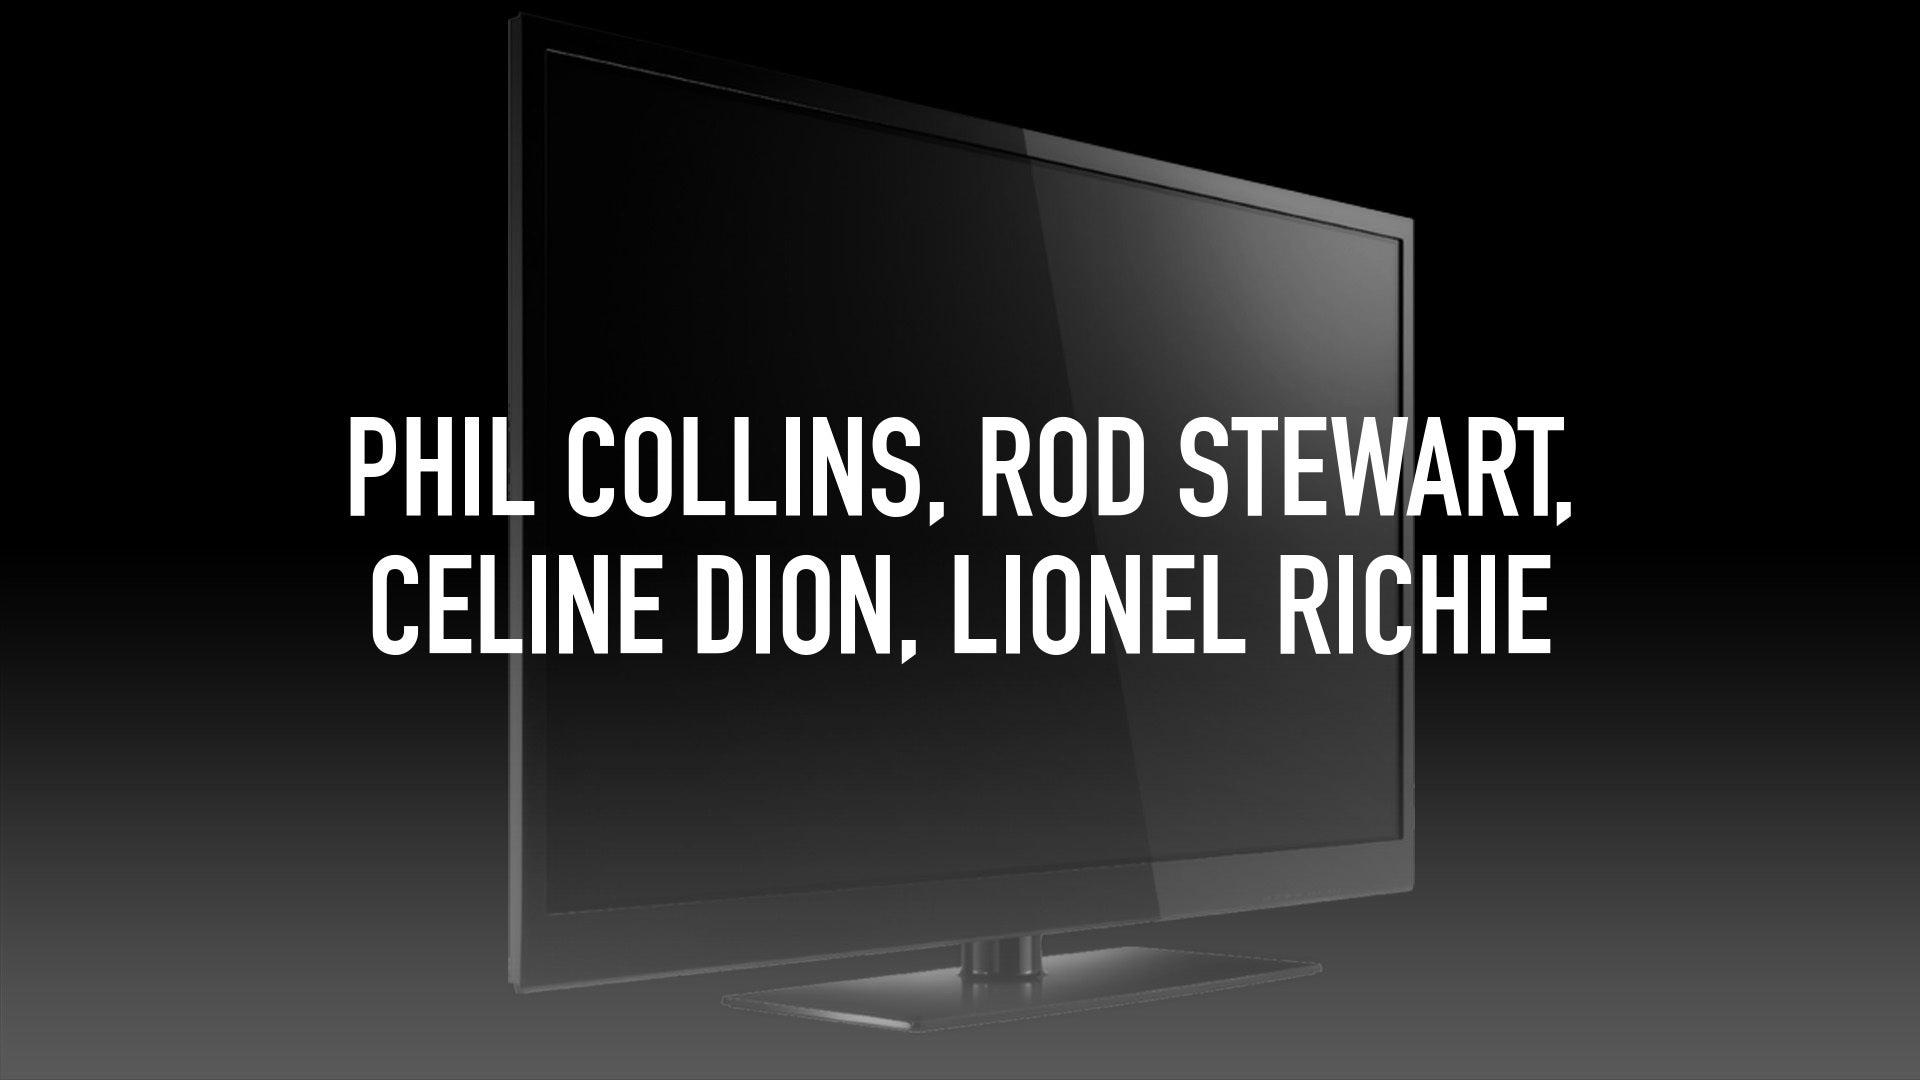 Phil Collins, Rod Stewart, Celine Dion, Lionel Richie